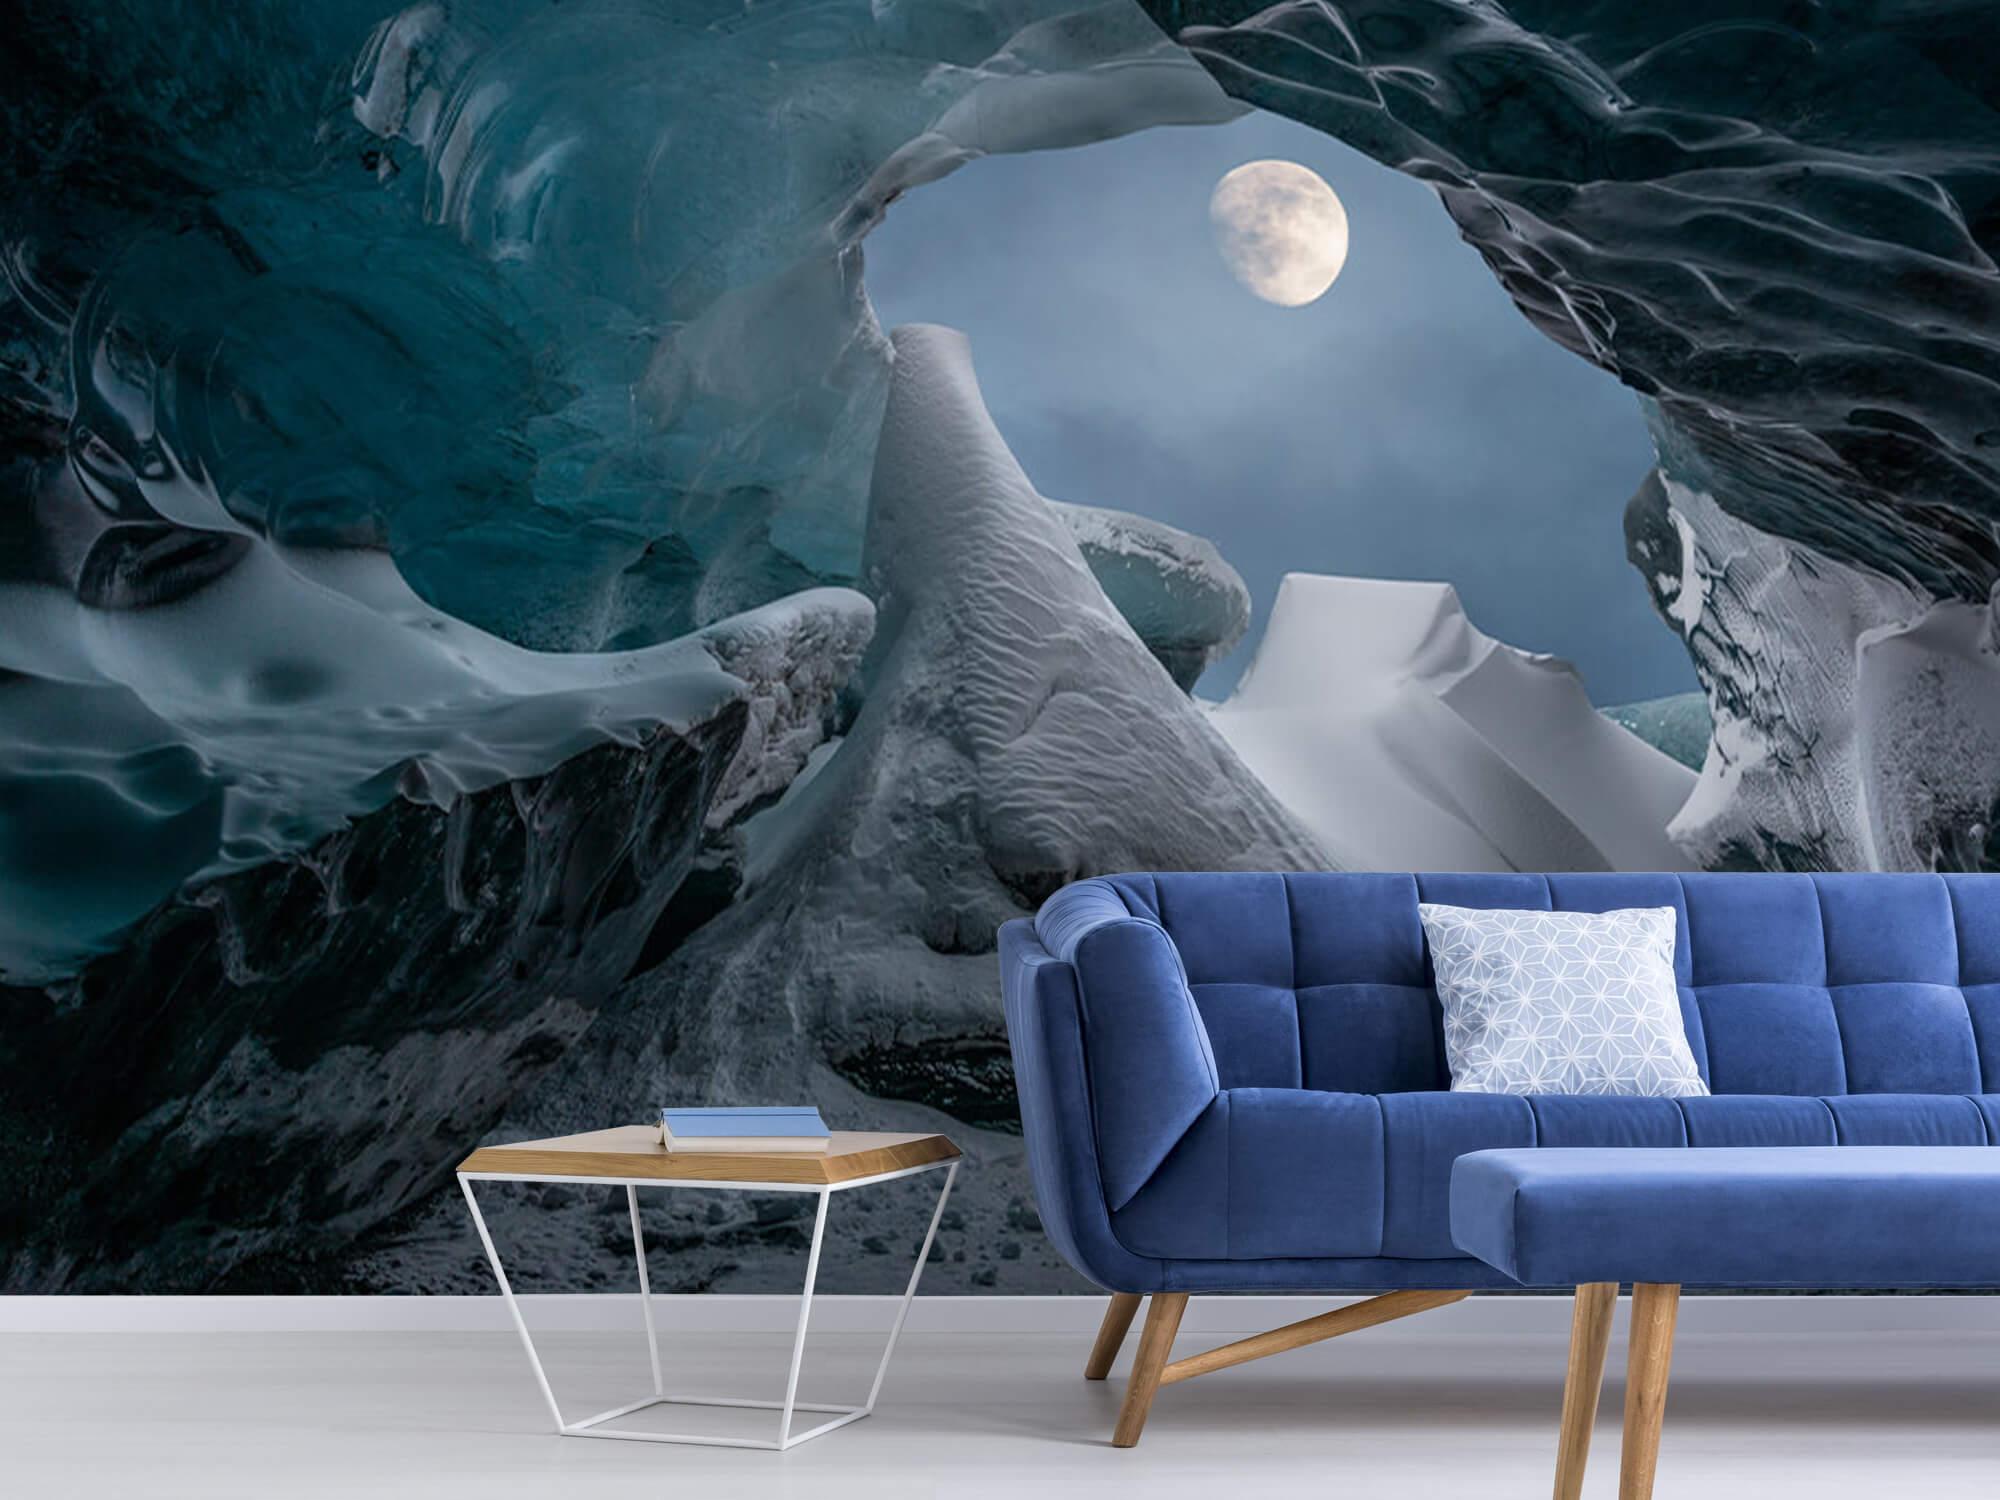 Ice cave 8